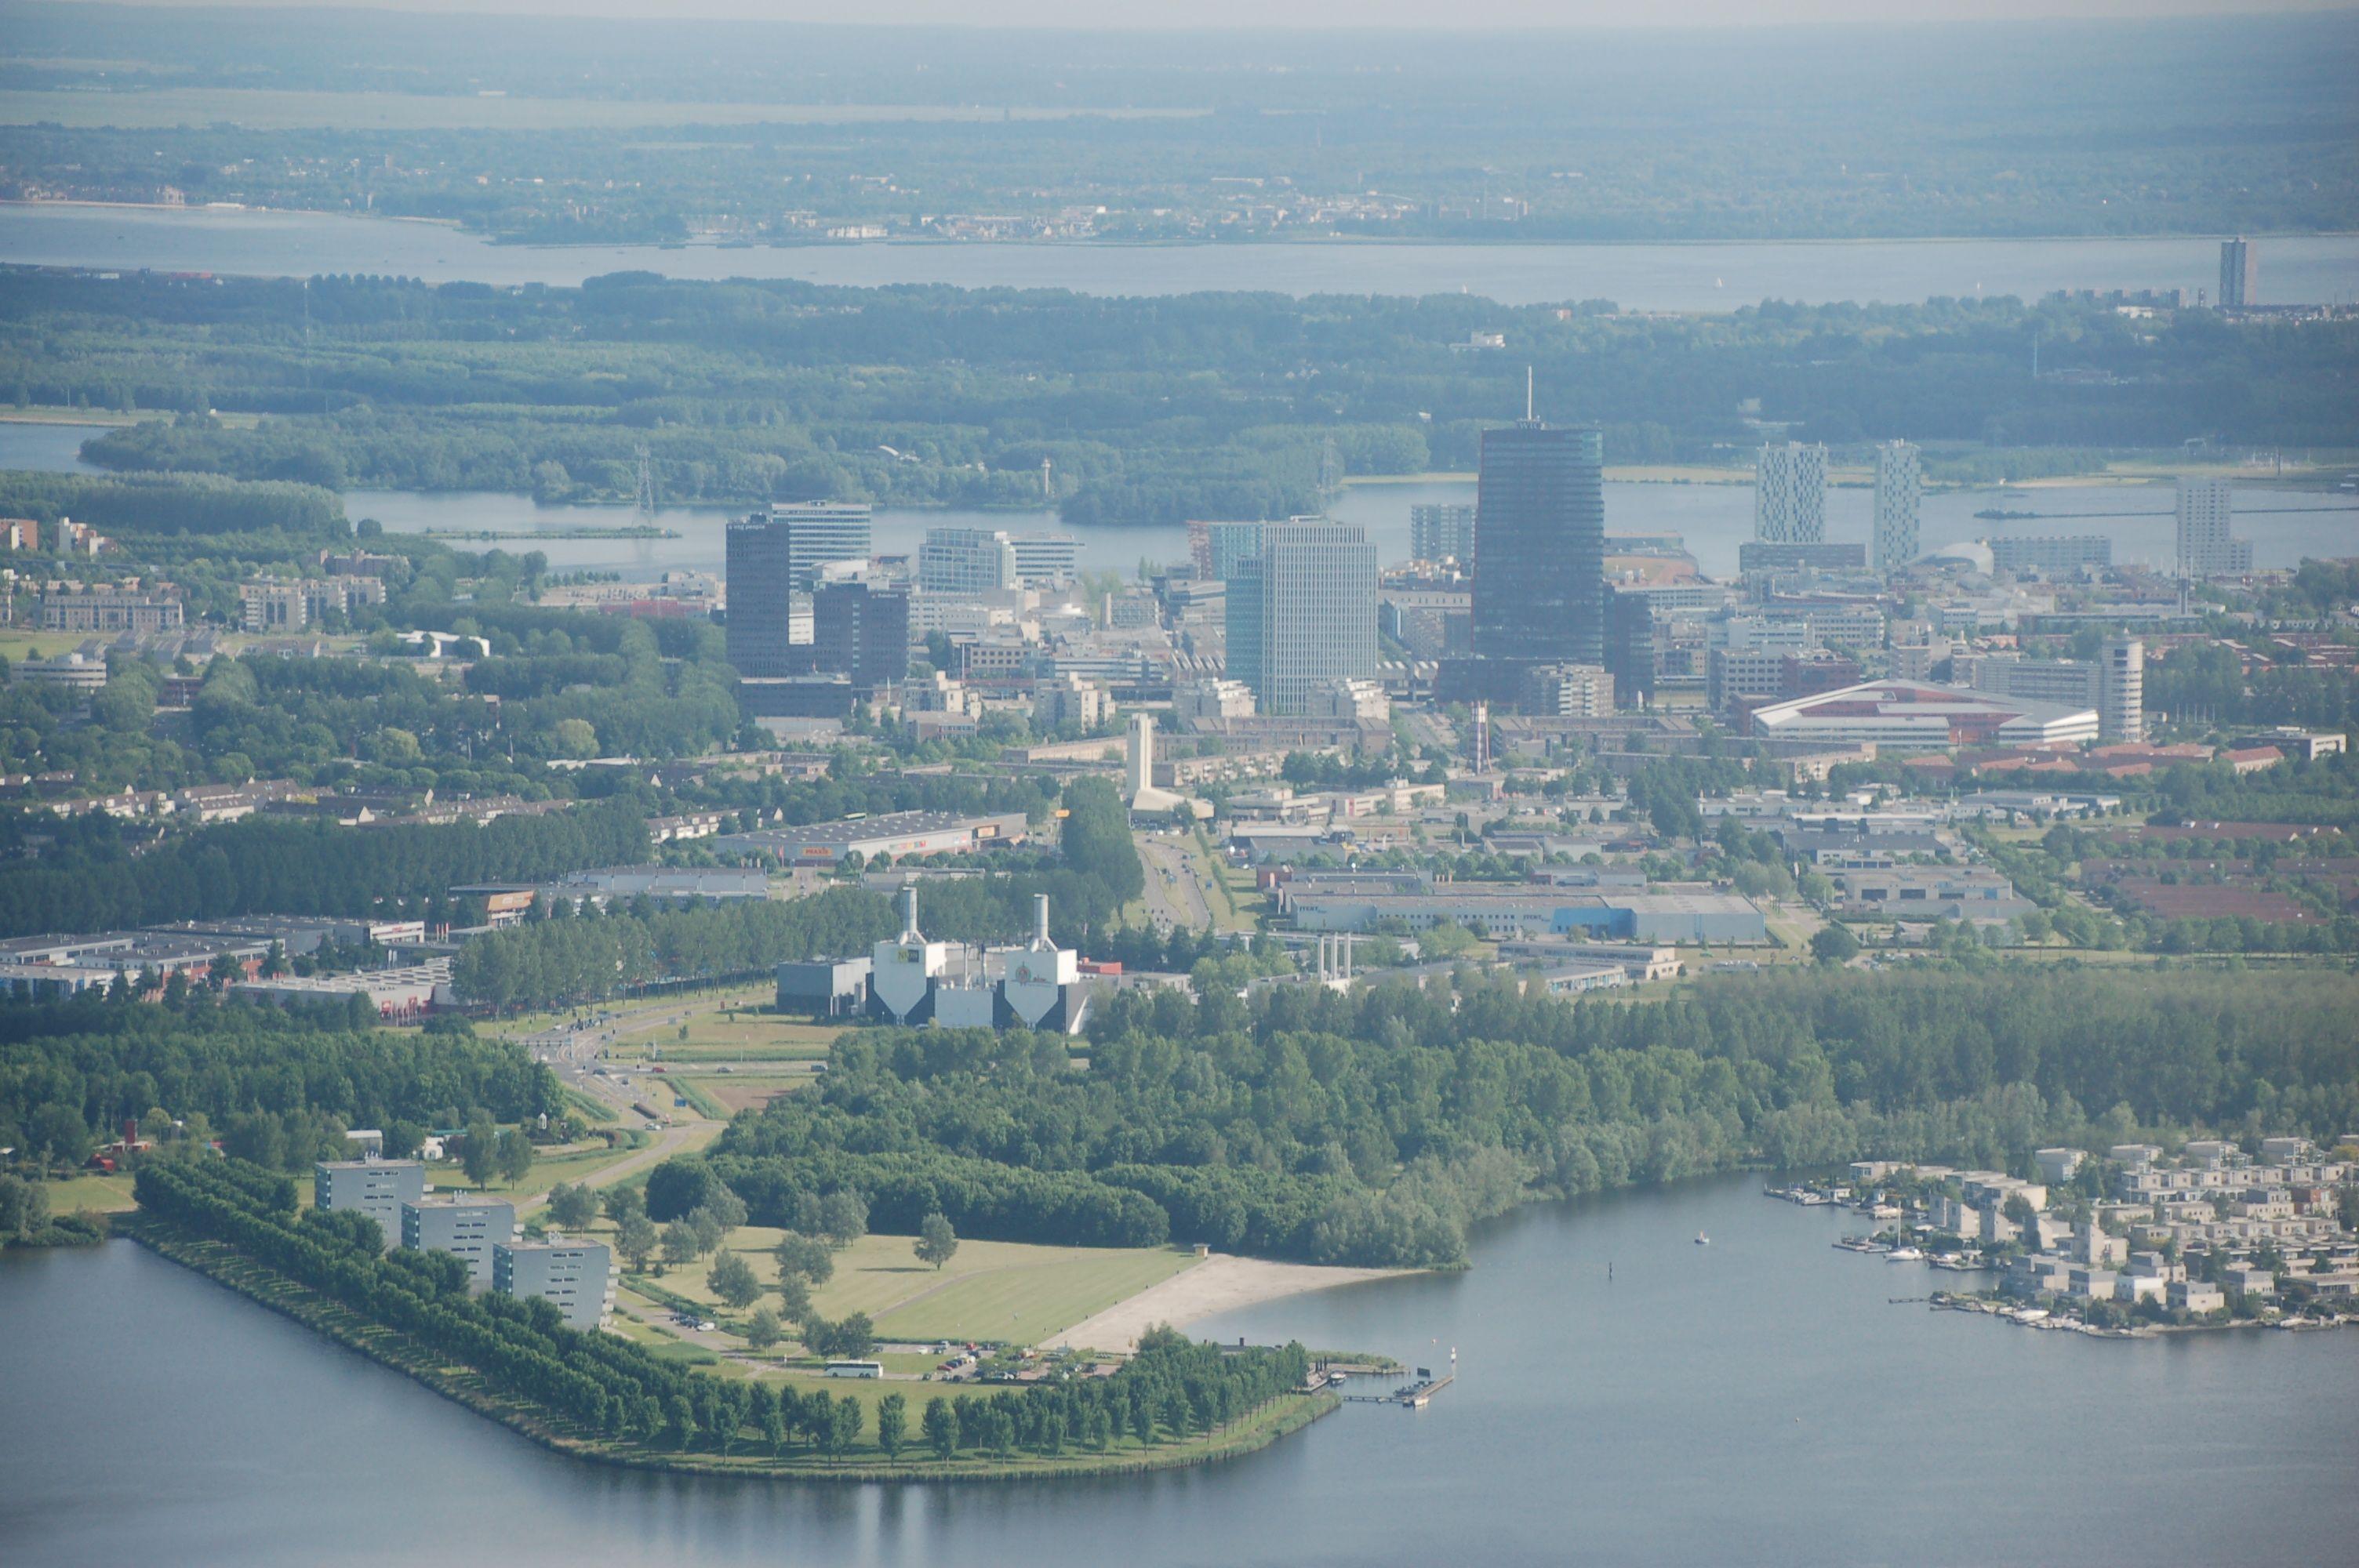 Almere ist zur fünfgrößten Stadt der Niederlande geworden - mit eigener Skyline. Schon in 20 Jahren sollen hier 300 000 Menschen leben.